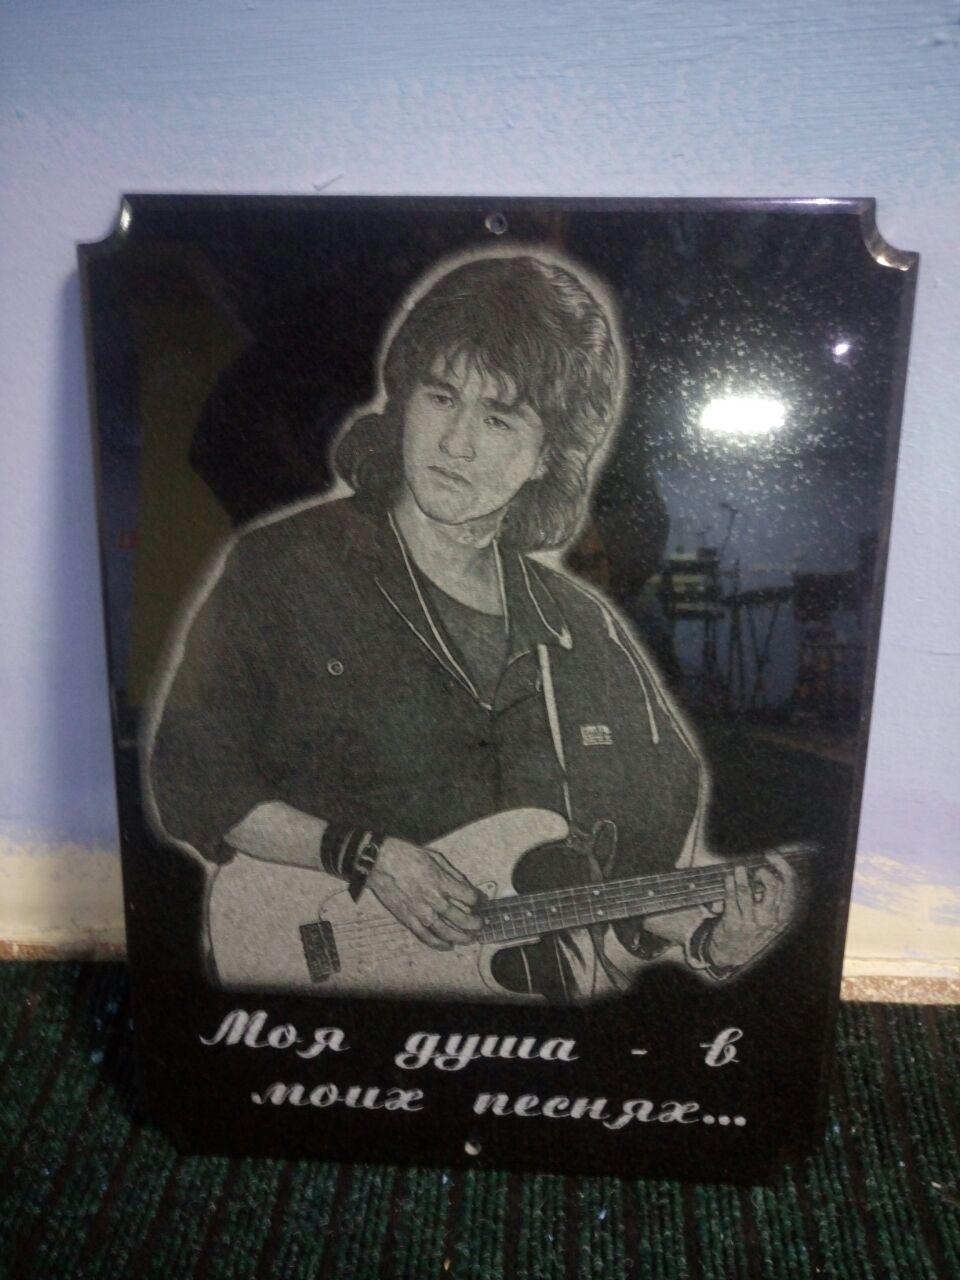 памяти Виктора Цоя, подарок Евгения Плотникова жителям Ноглик